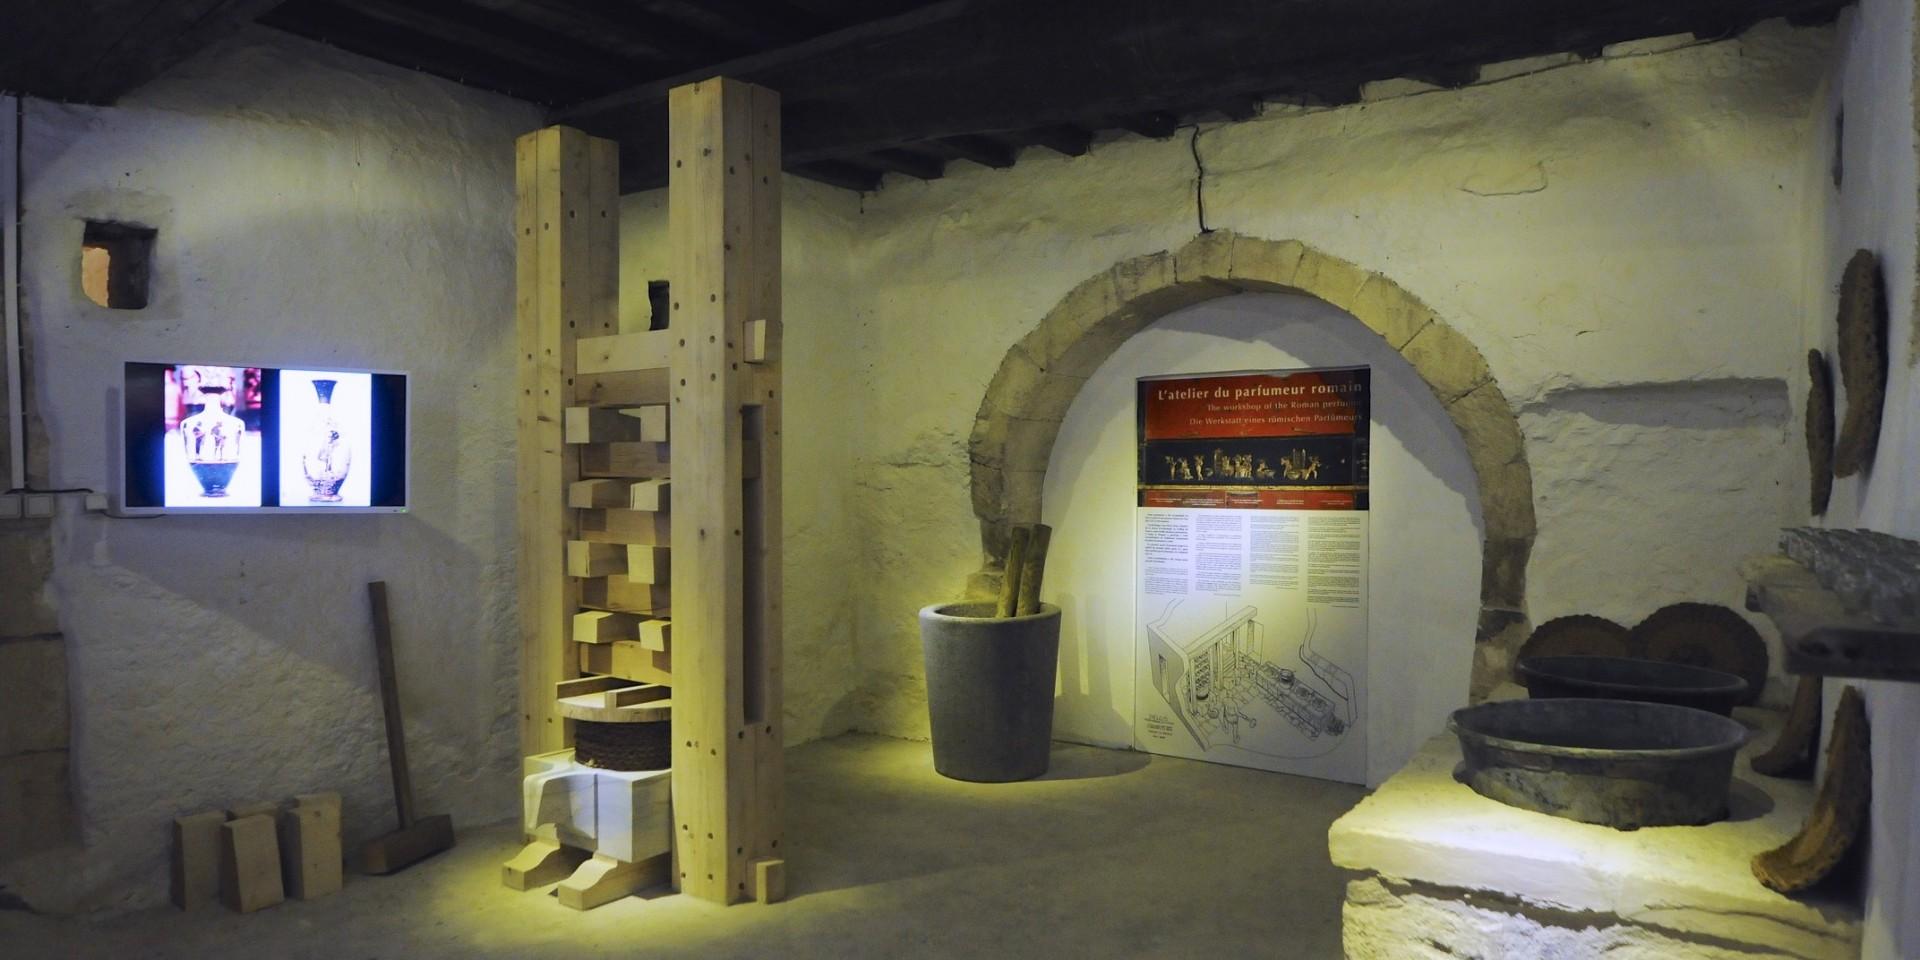 L'atelier du parfumeur romain